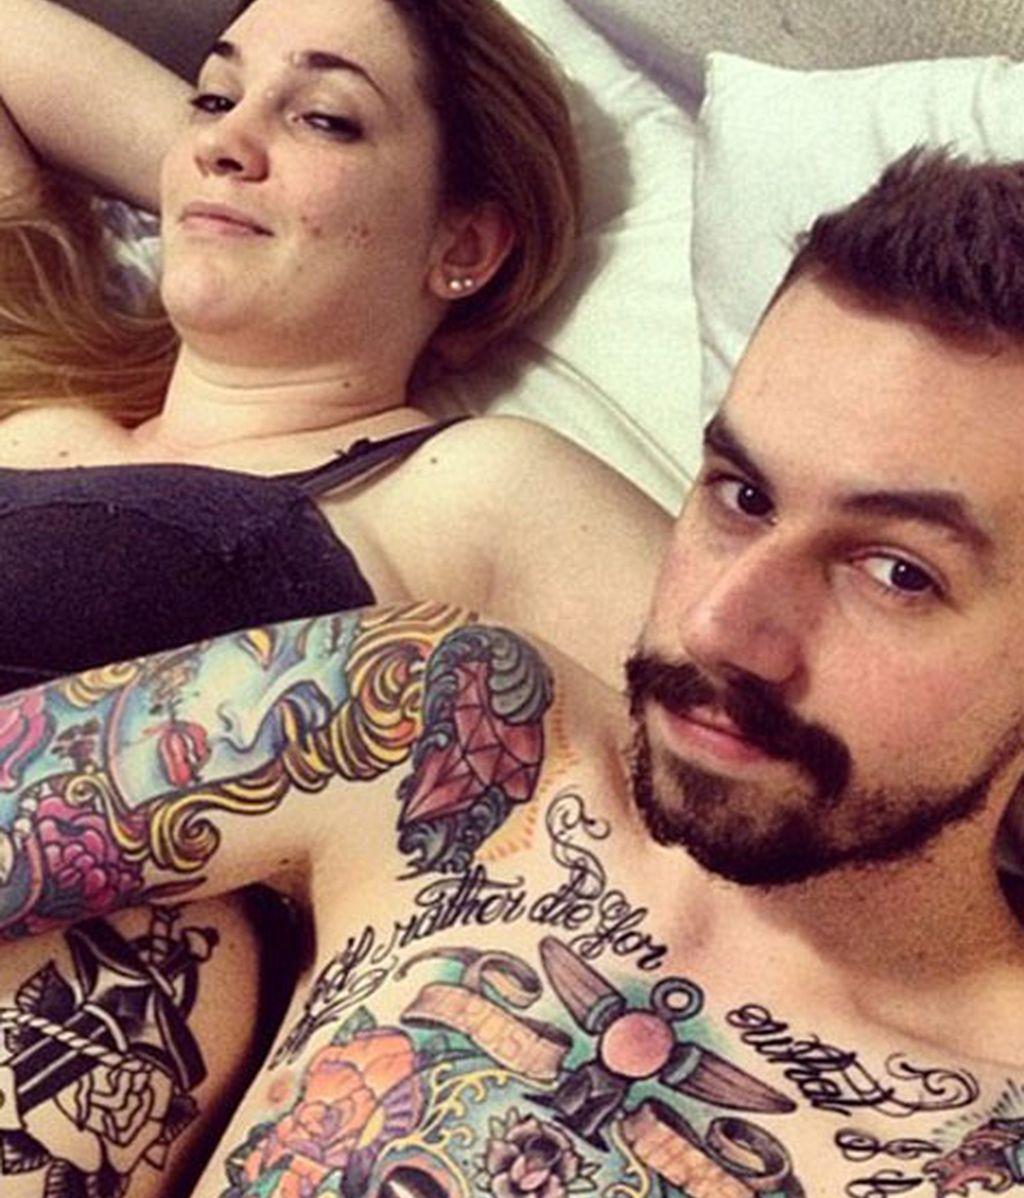 Los 'selfies' se cuelan en la cama